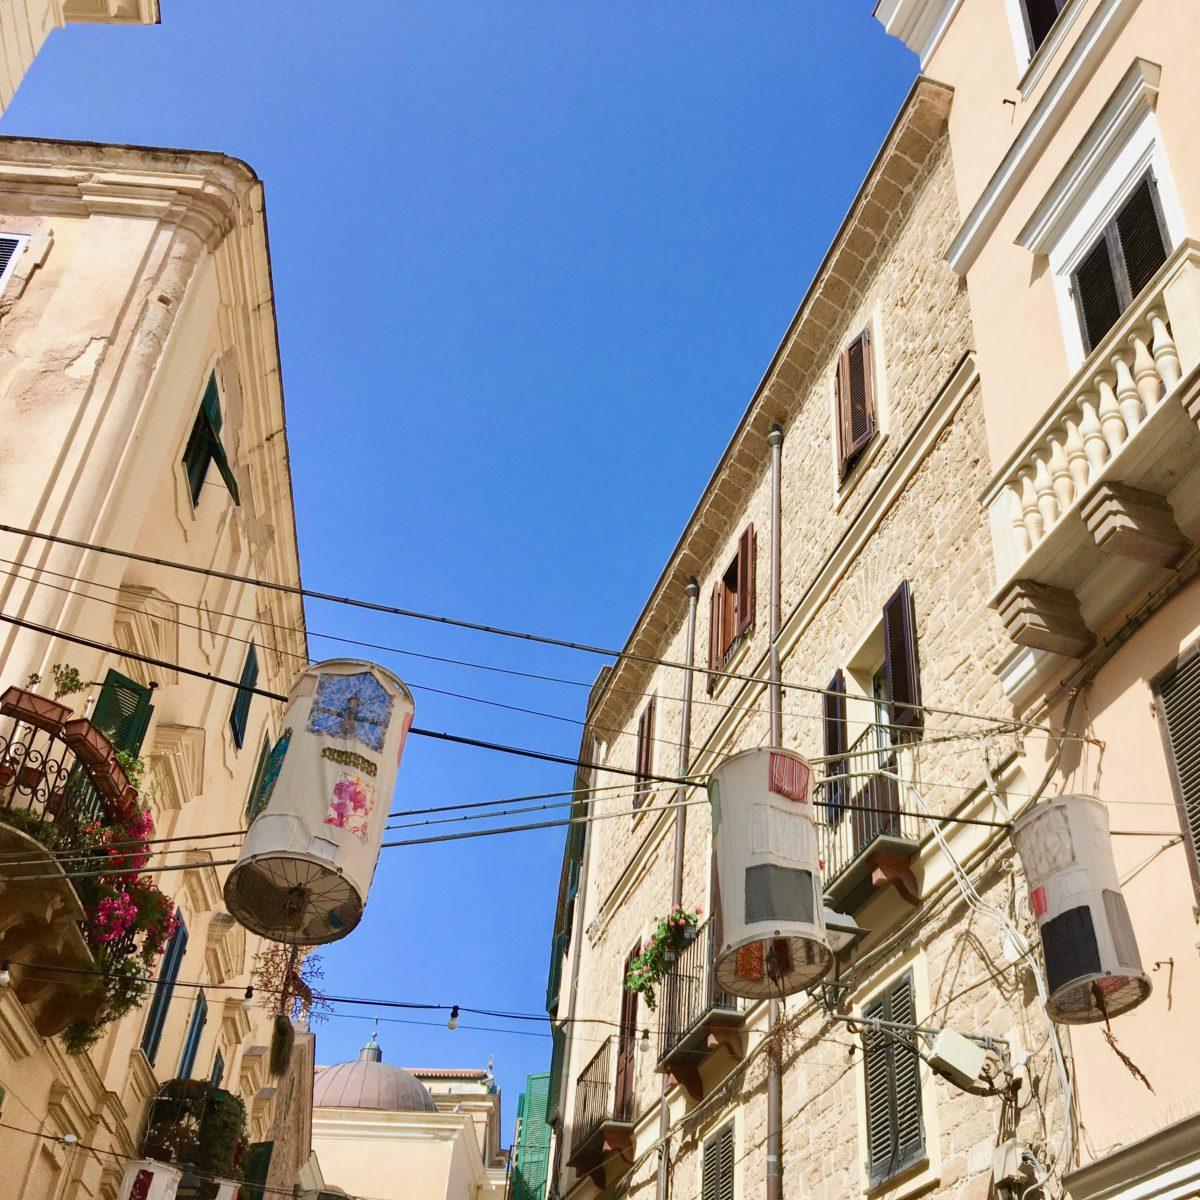 In der Altstadt von Alghero